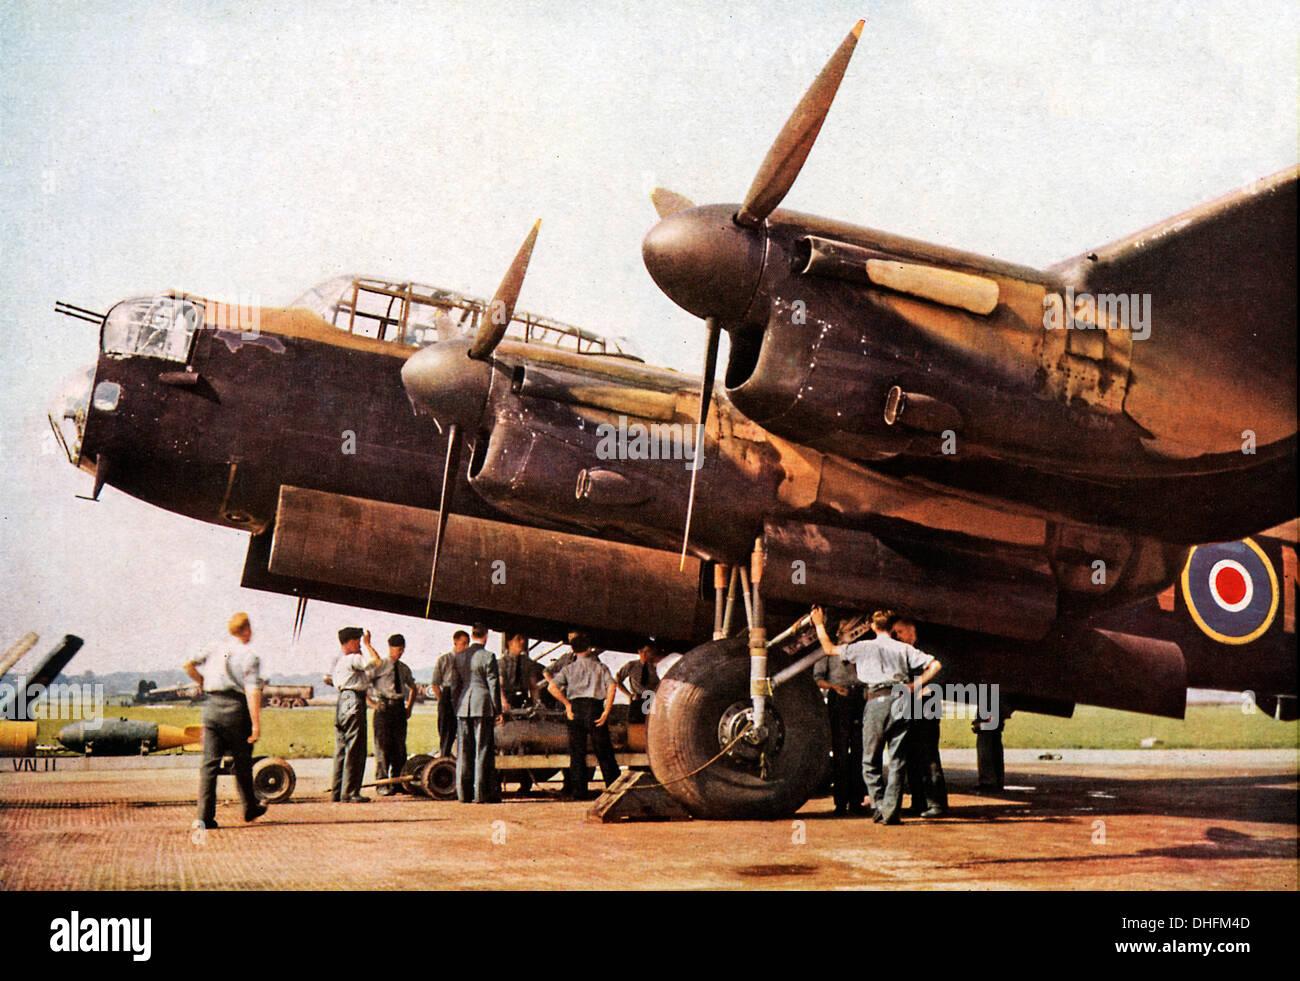 Laden einer Lancaster Bomber, Farbe Foto 1942 der legendären Raf schwerer Bomber Bombardierung bis vor einem Stockbild